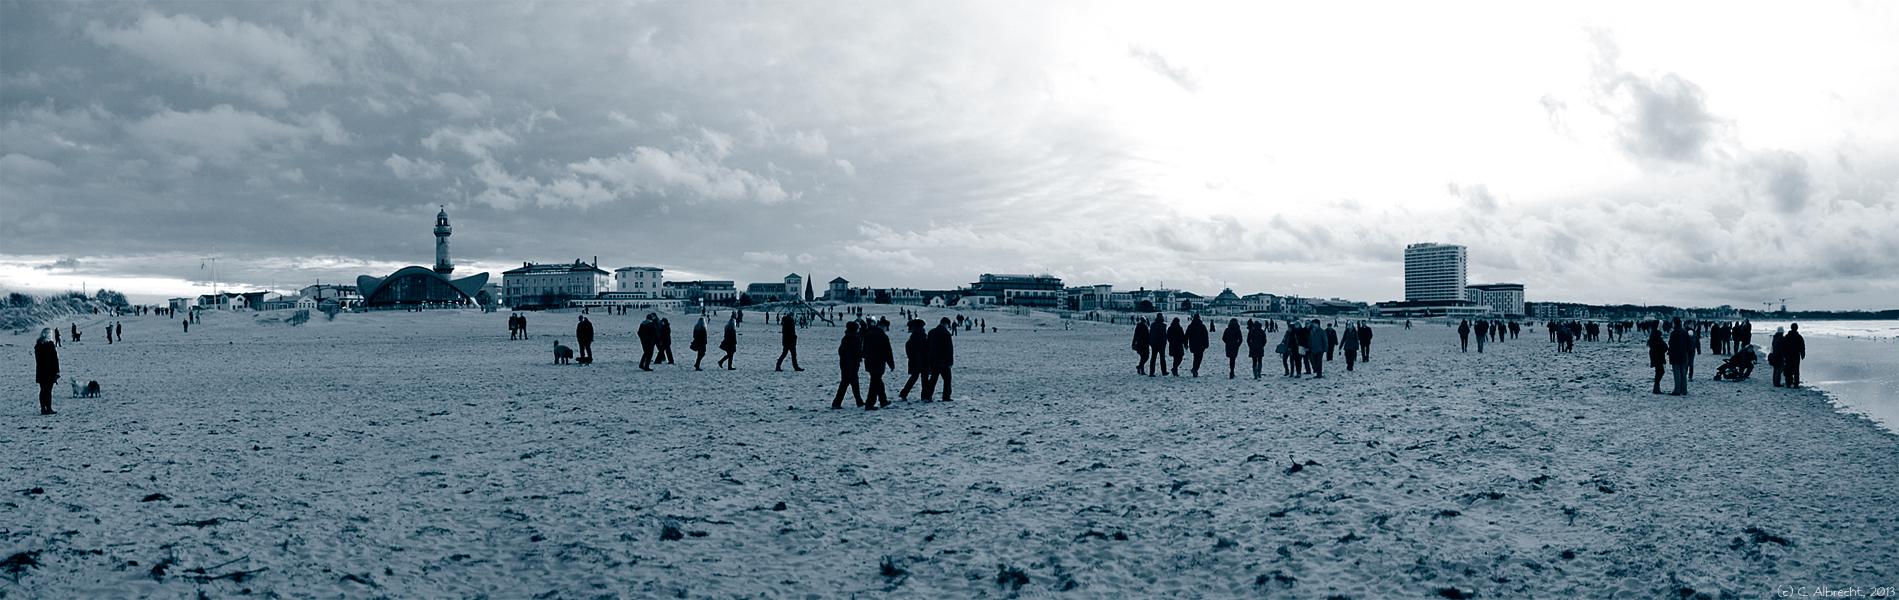 Silhouette des Seebads Warnemünde mit Strand